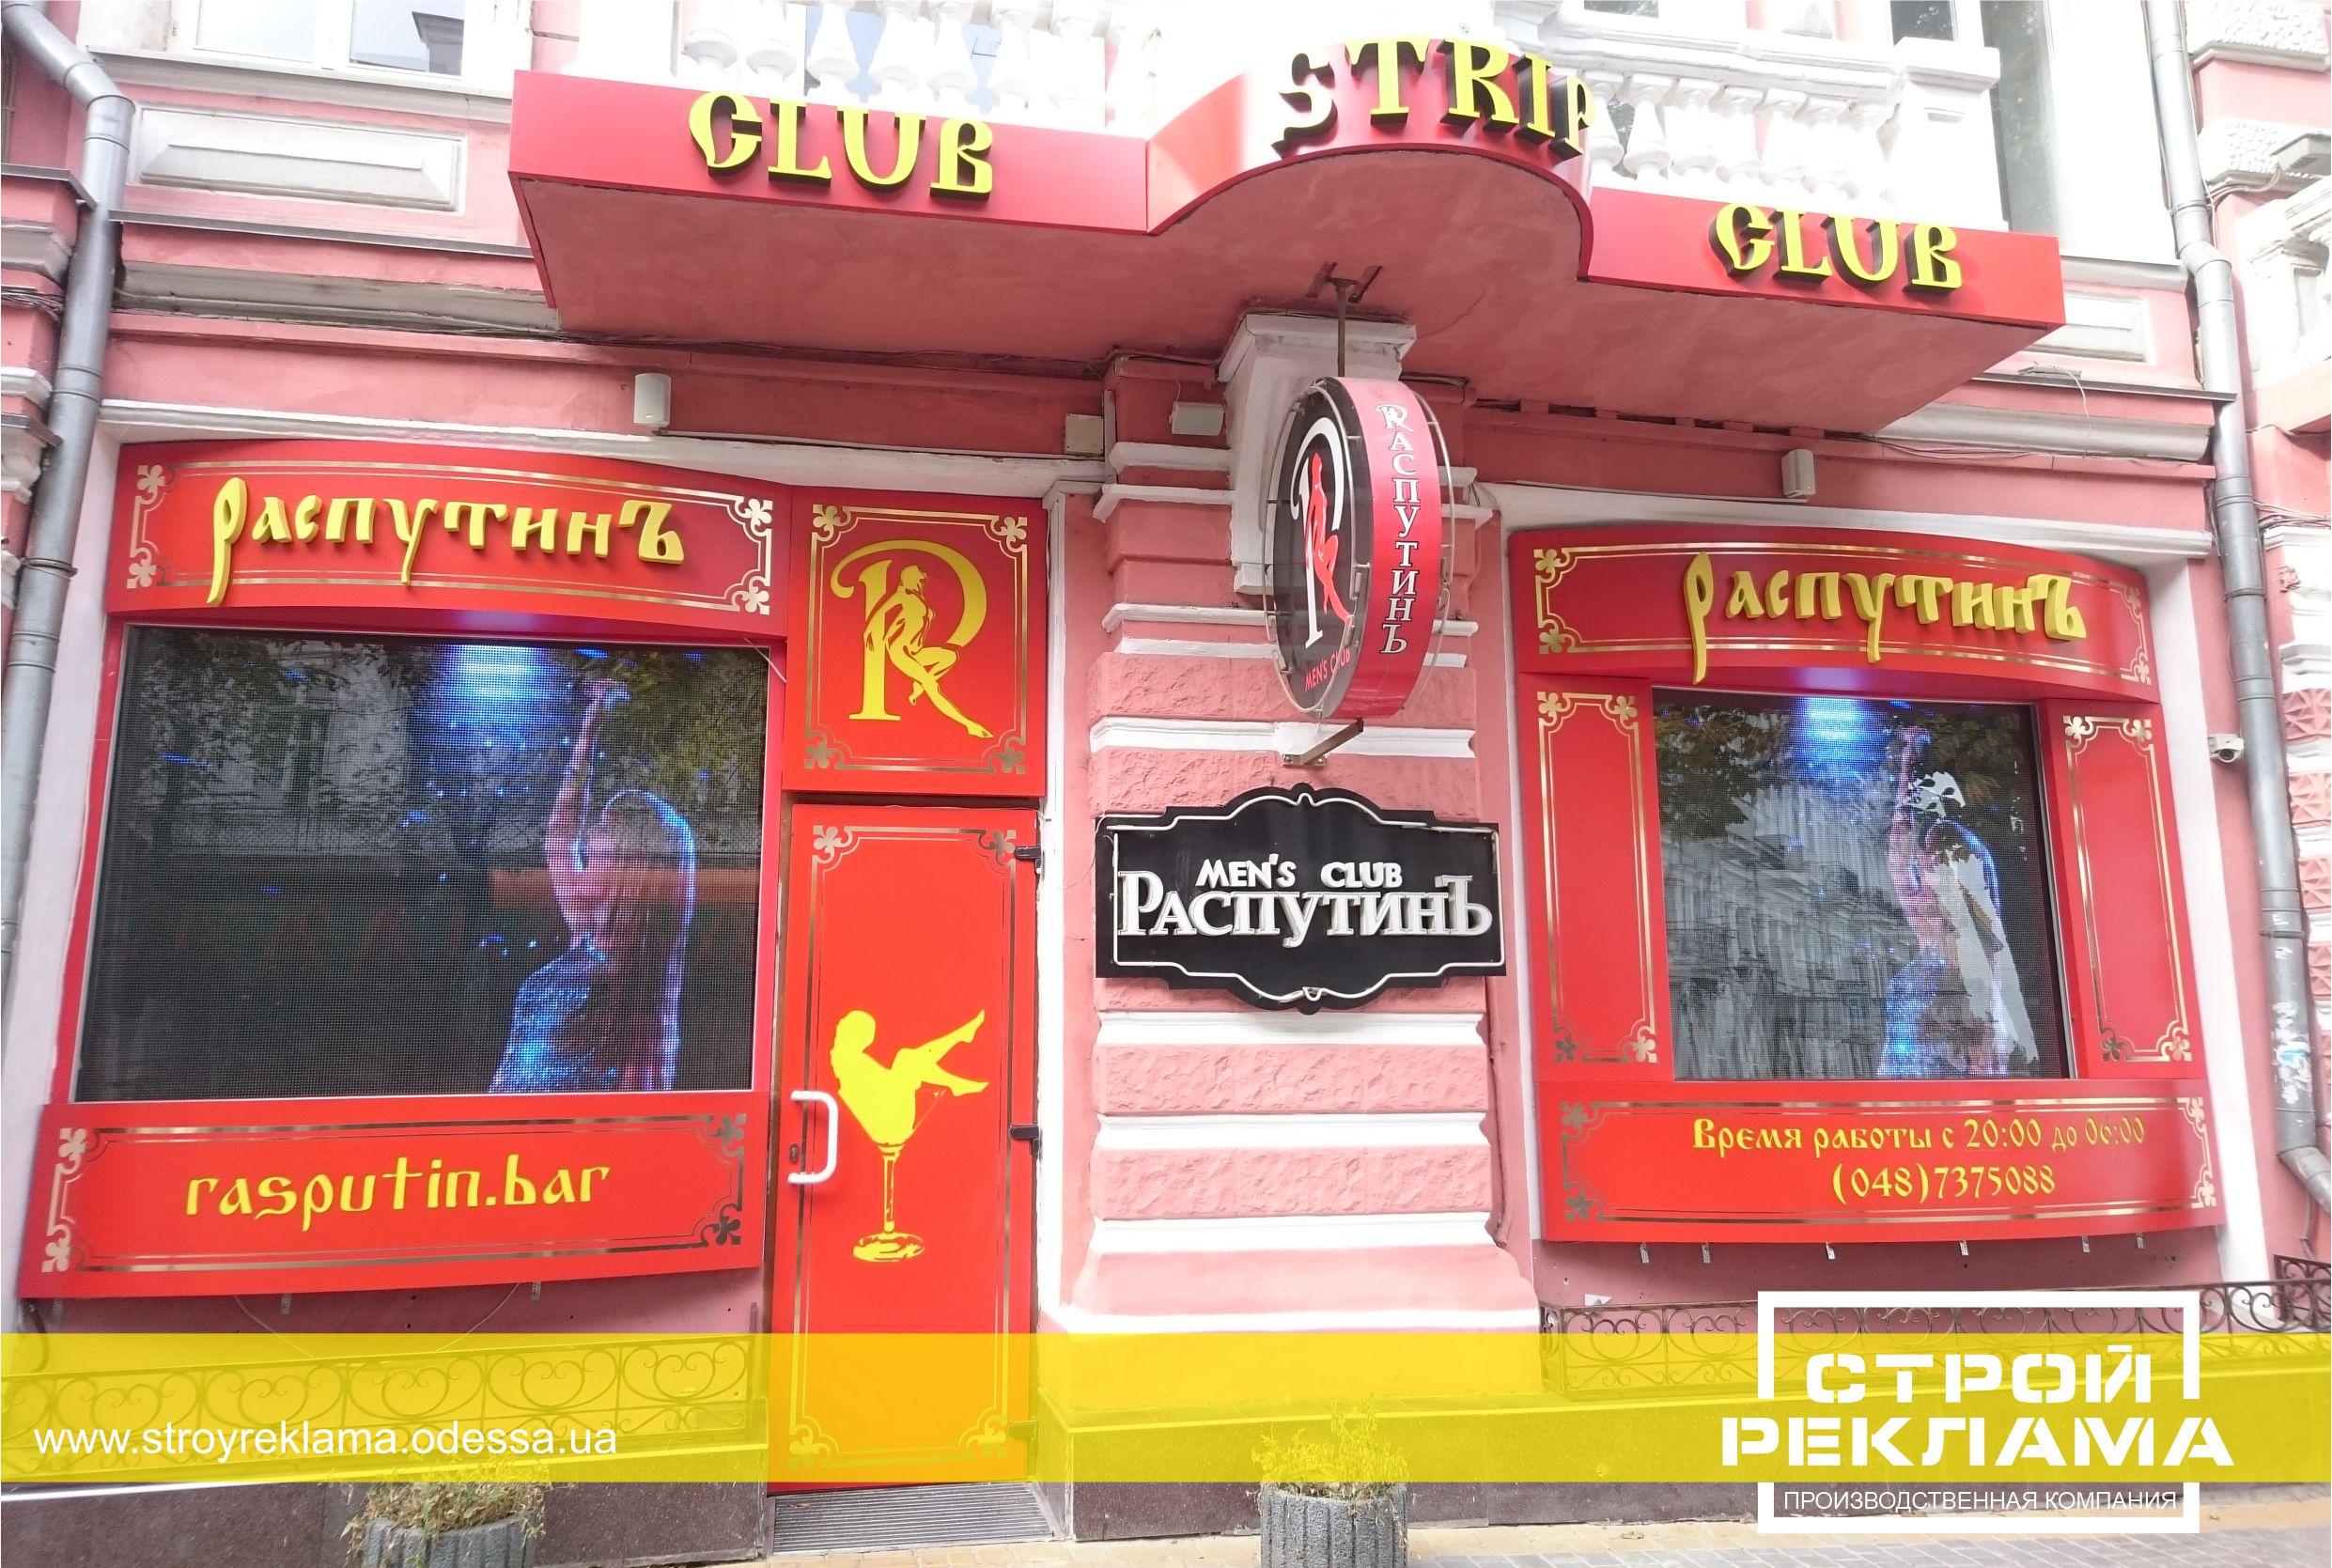 оформление фасада стрип клуба